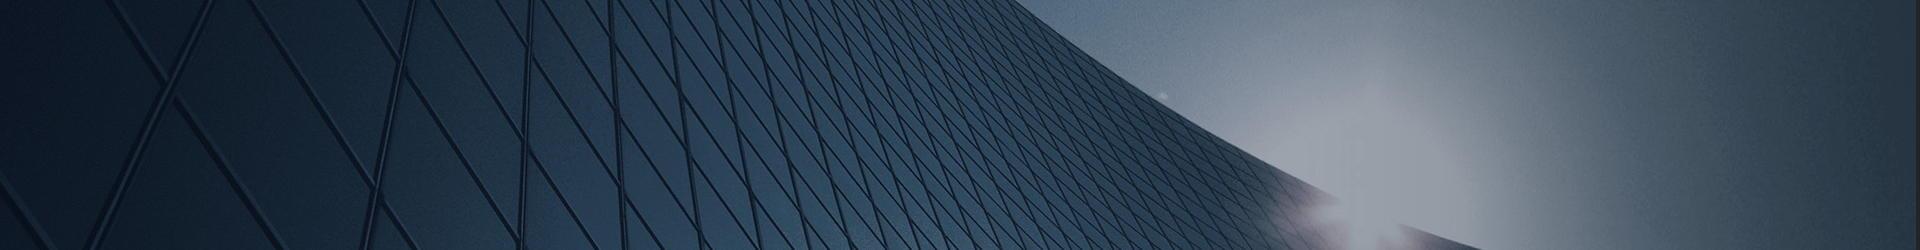 康蓝建设-企业总部办公大楼设计及整体实施方案